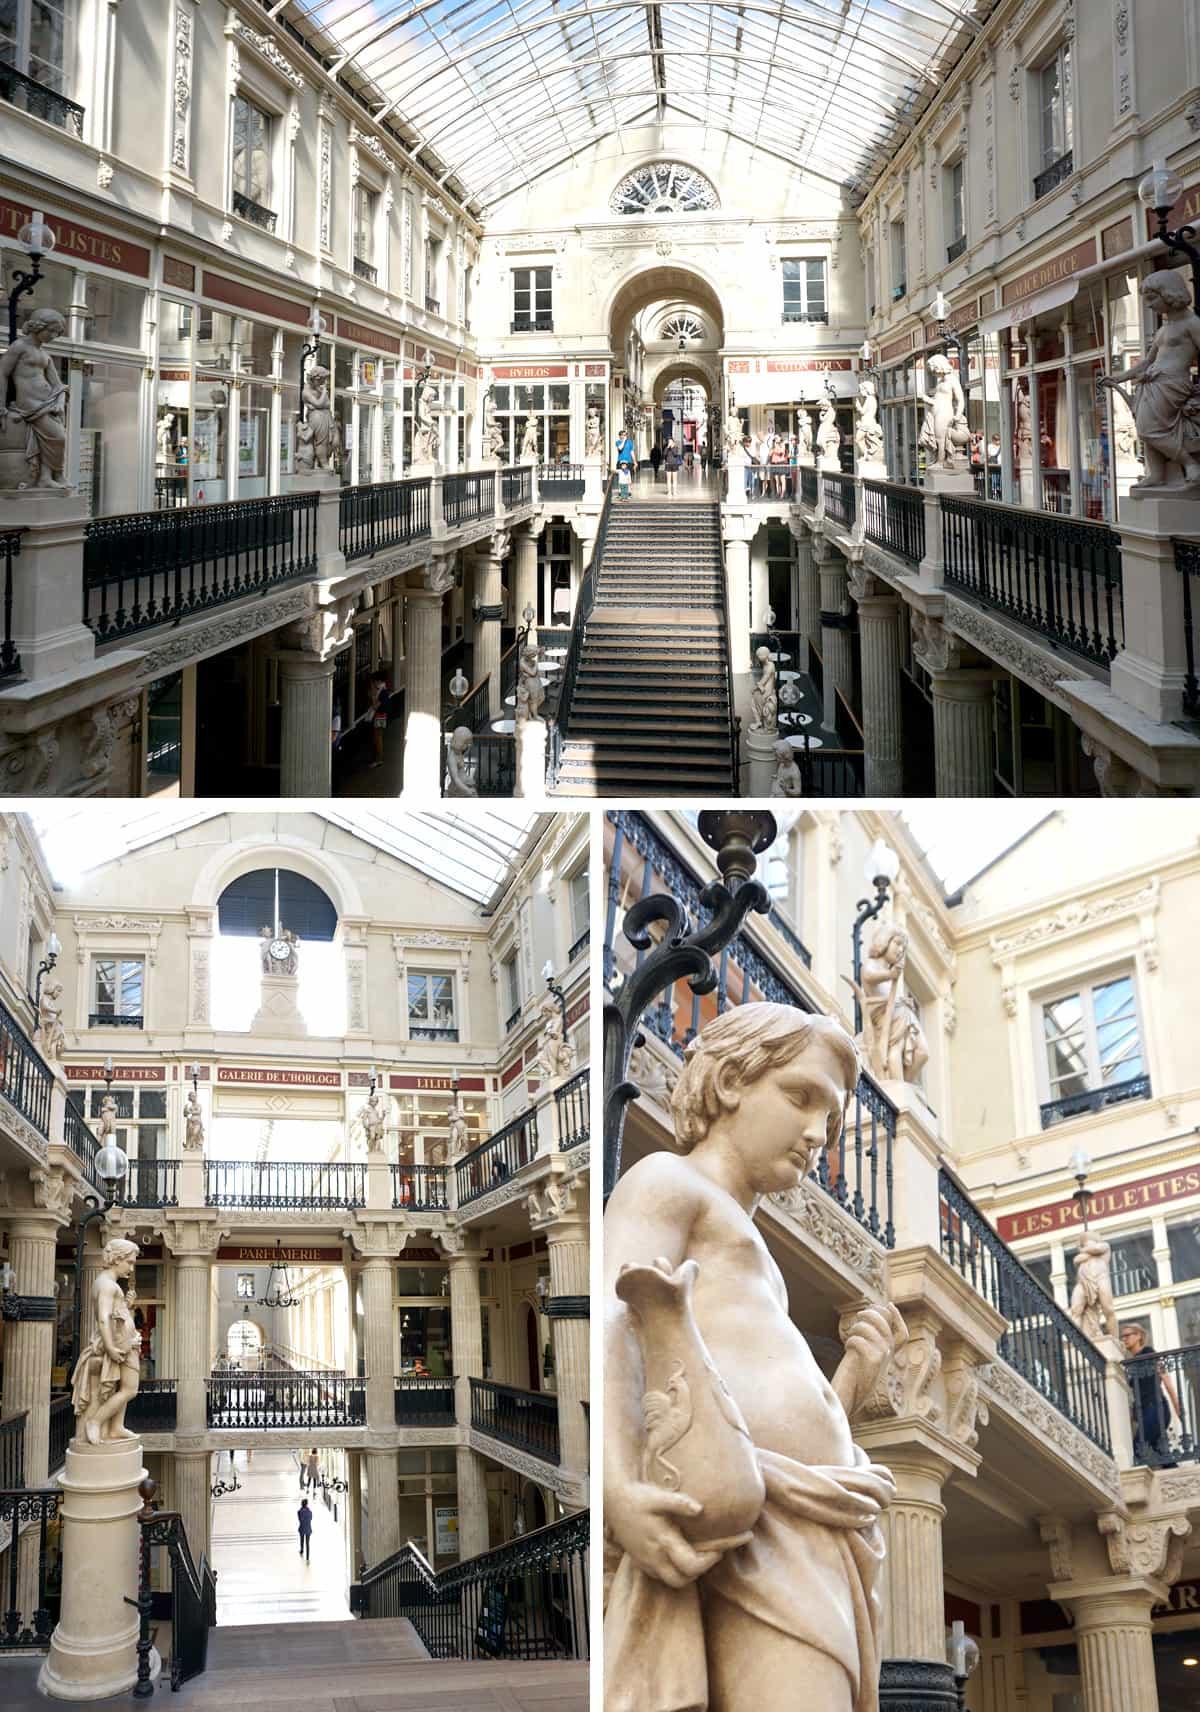 Visiter le centre historique de Nantes : le passage Pommeraye